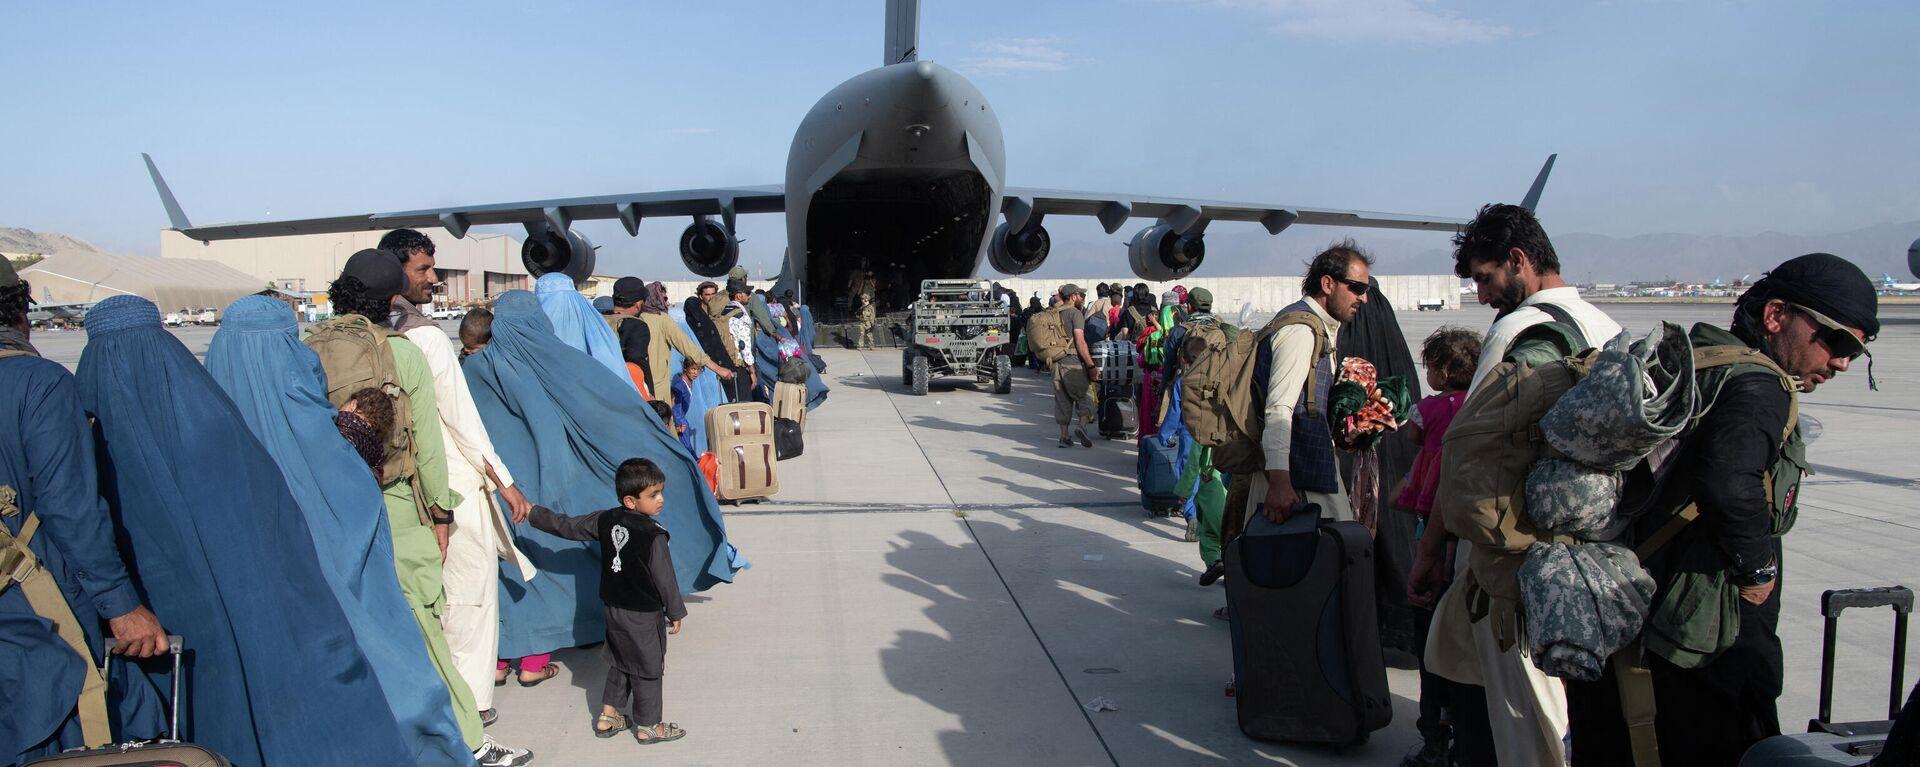 Эвакуация в аэропорту Кабула - Sputnik Ўзбекистон, 1920, 06.09.2021